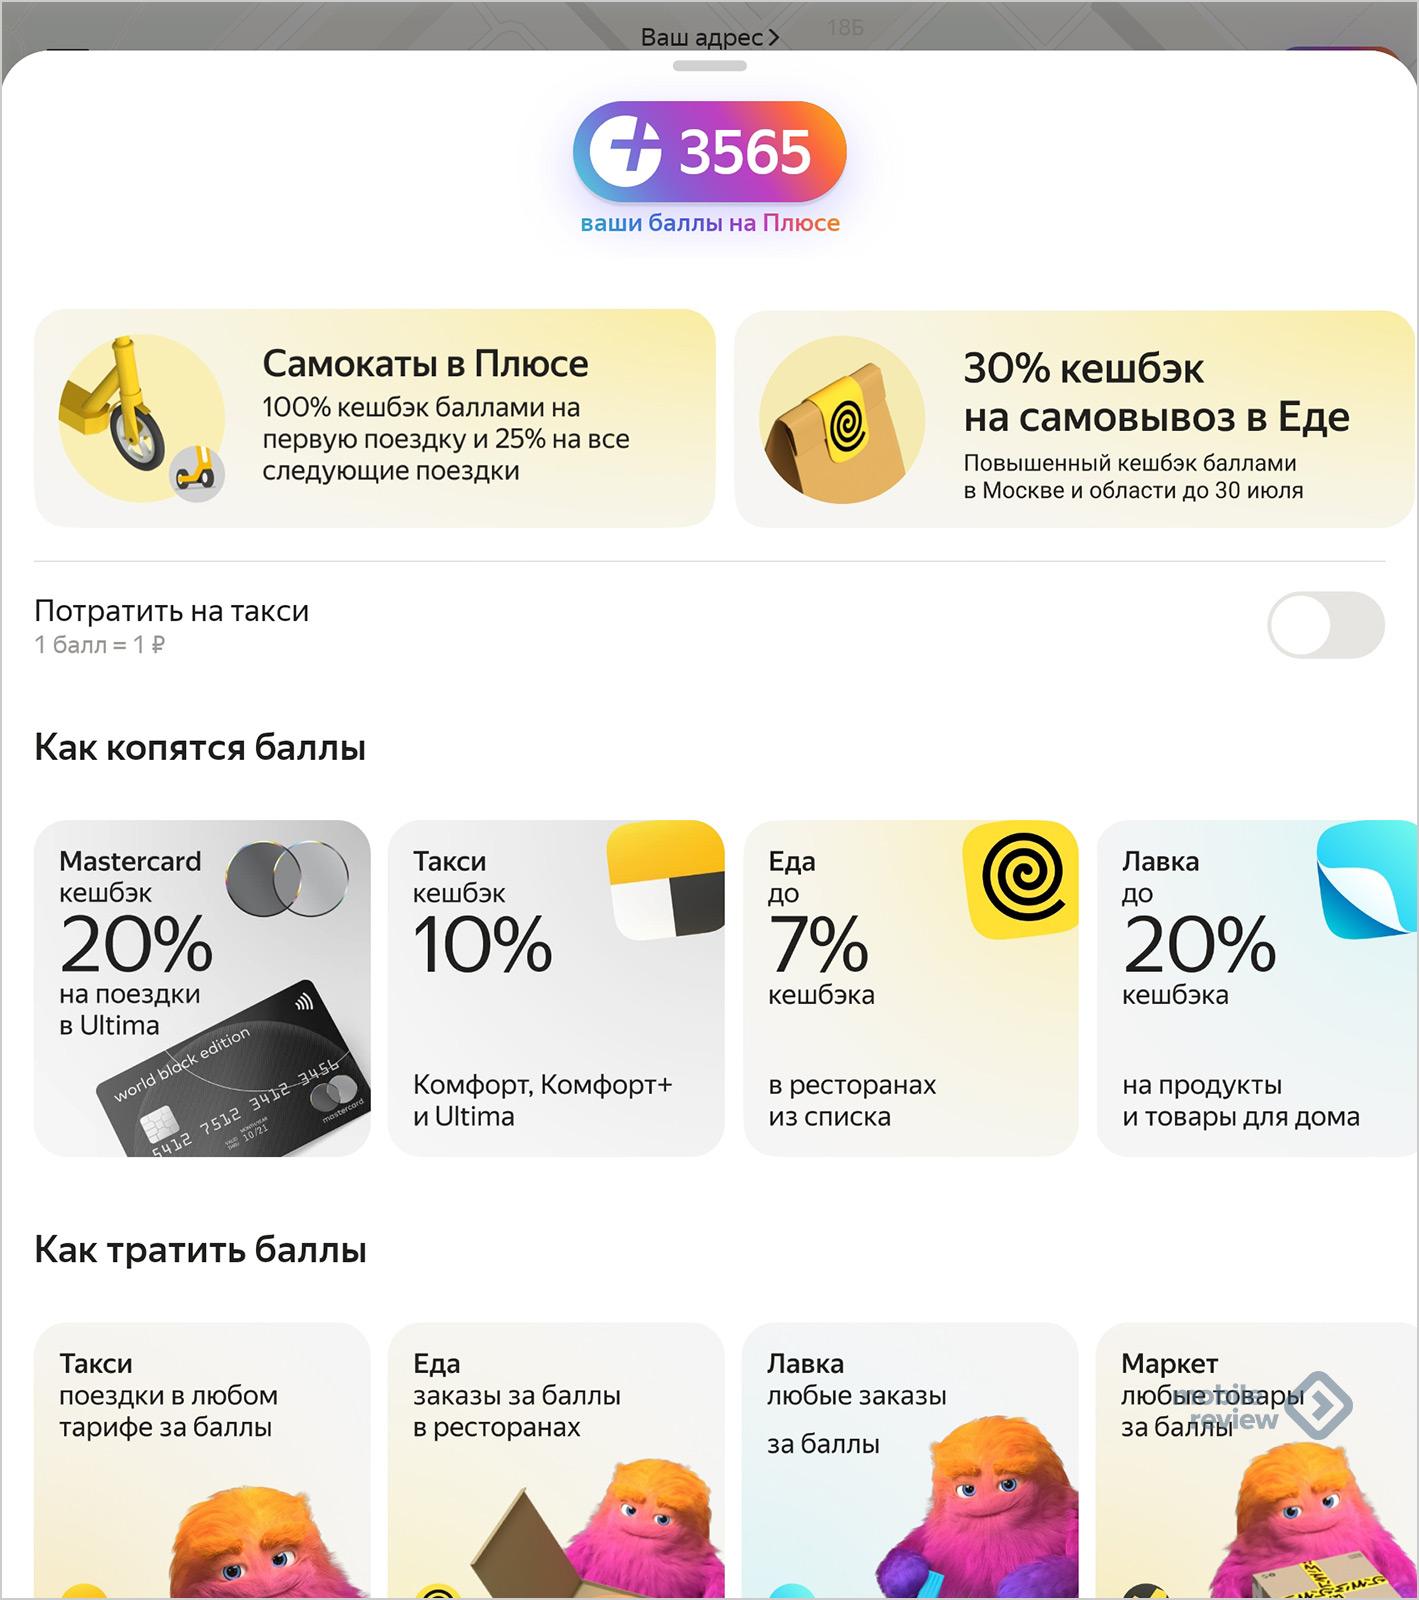 «Яндекс Go». Прокат самокатов в Москве, впечатления от нового сервиса